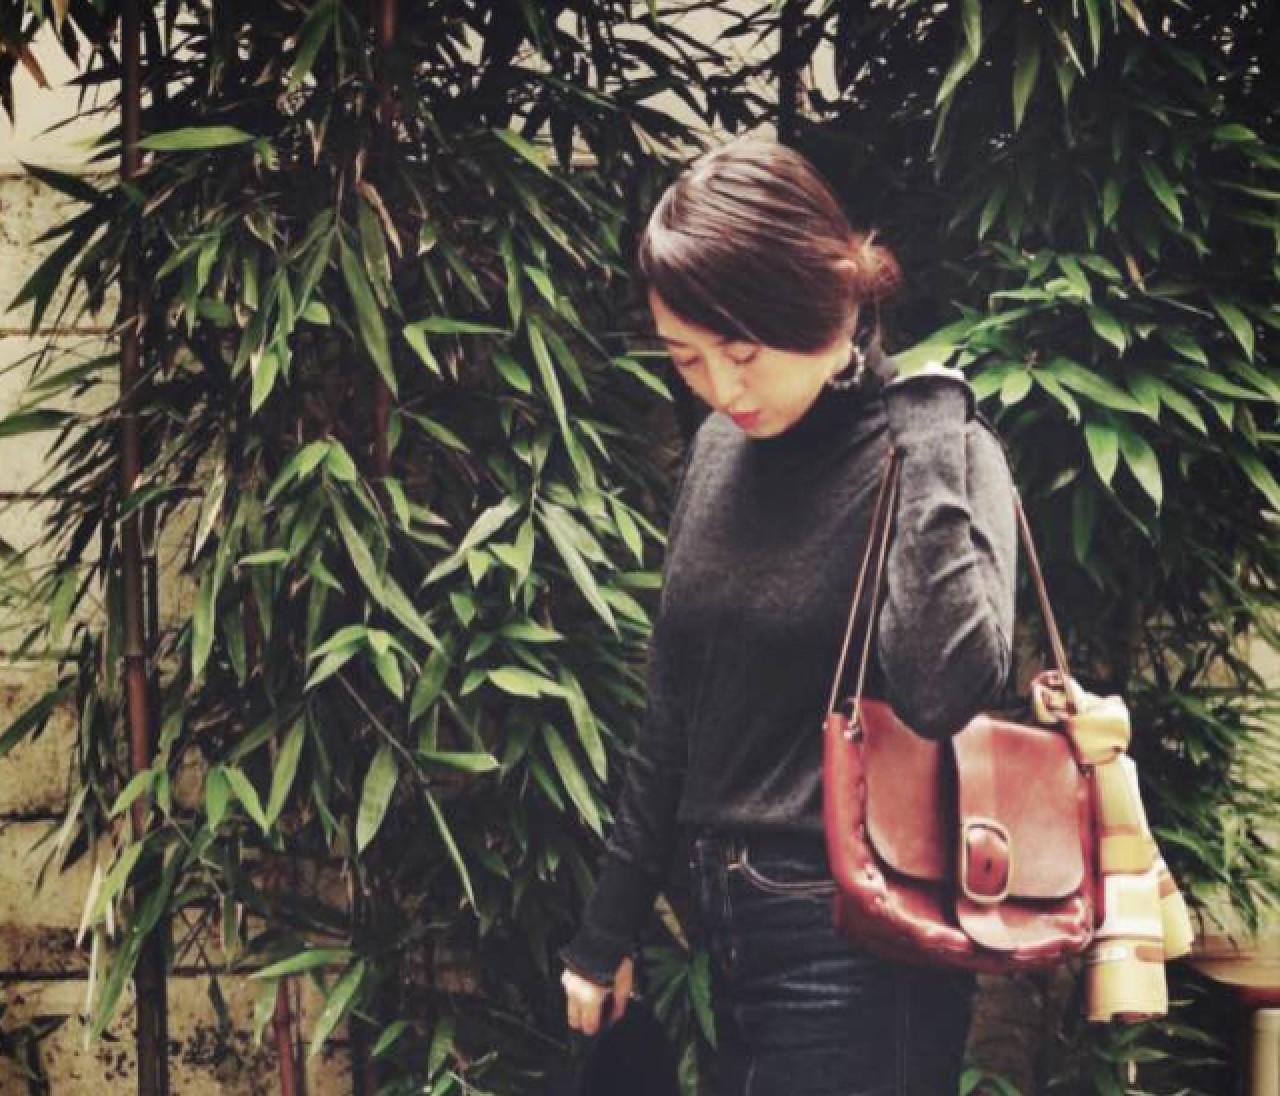 【スーパーバイラーズの #女っポイントデニム #OOTD】3/10(木)・廣瀬裕美子さん